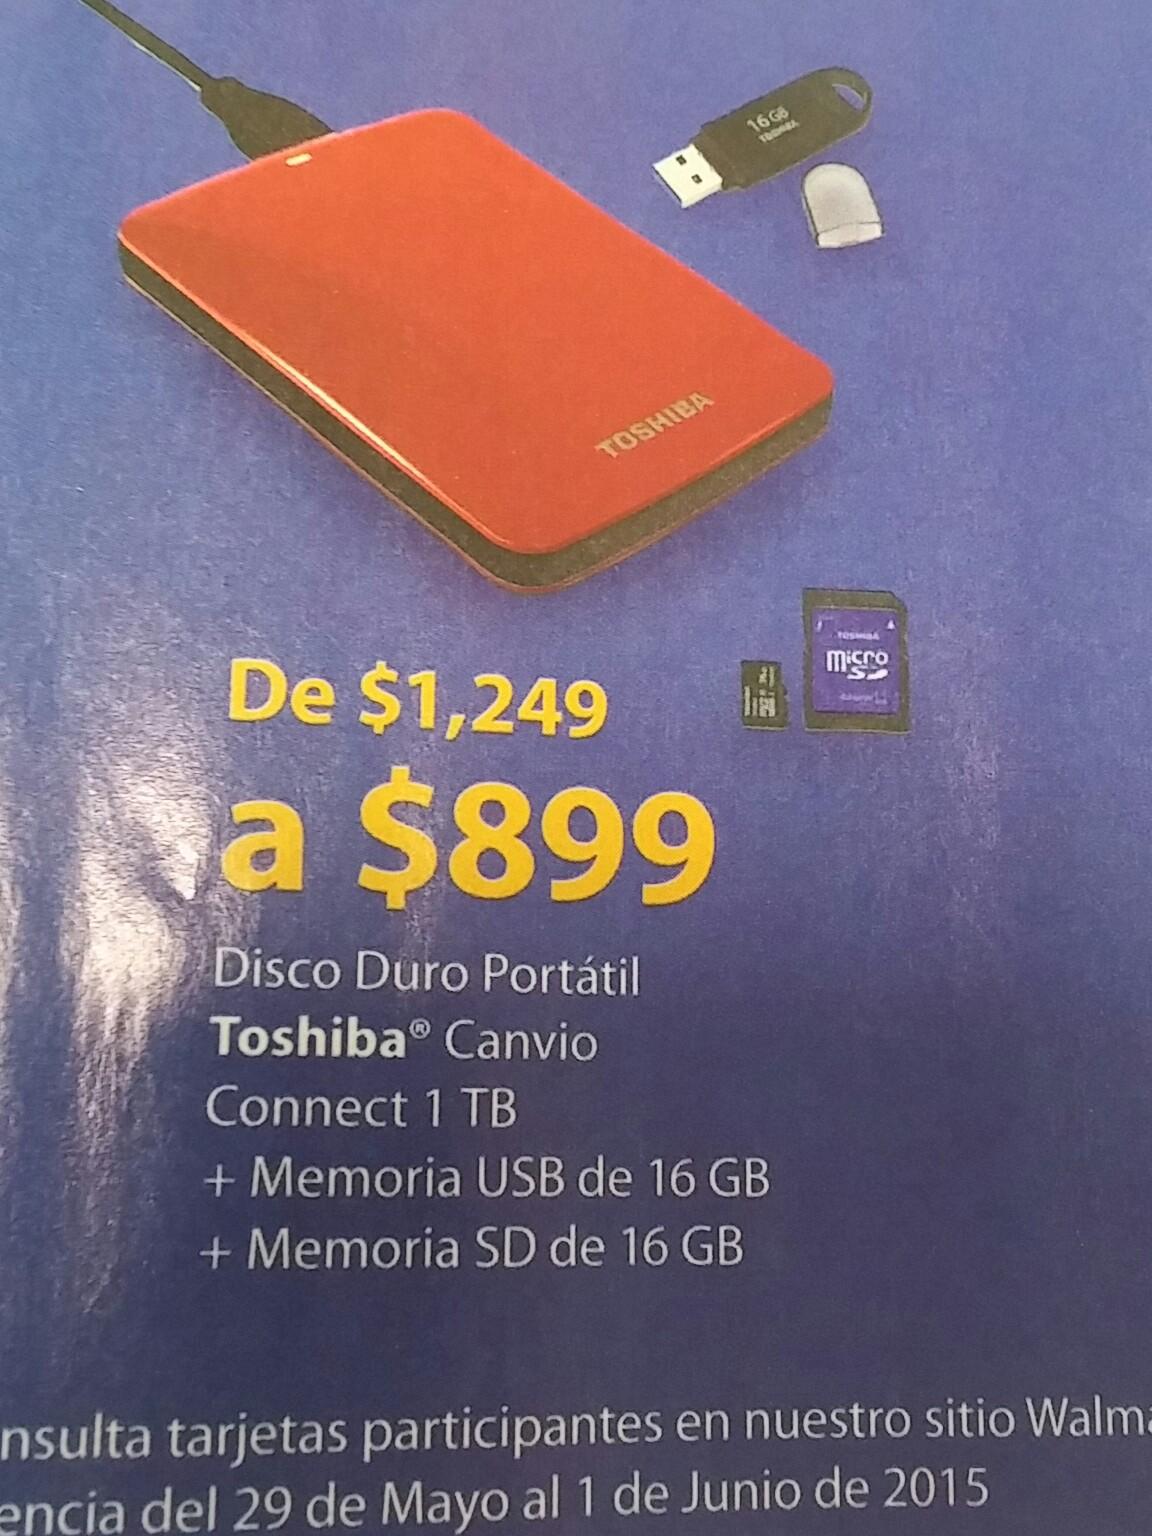 Promociones Hot Sale en Walmart: Disco Duro portatil Toshiba 1TB + USB de 16GB +micro SD de 16GB a $899